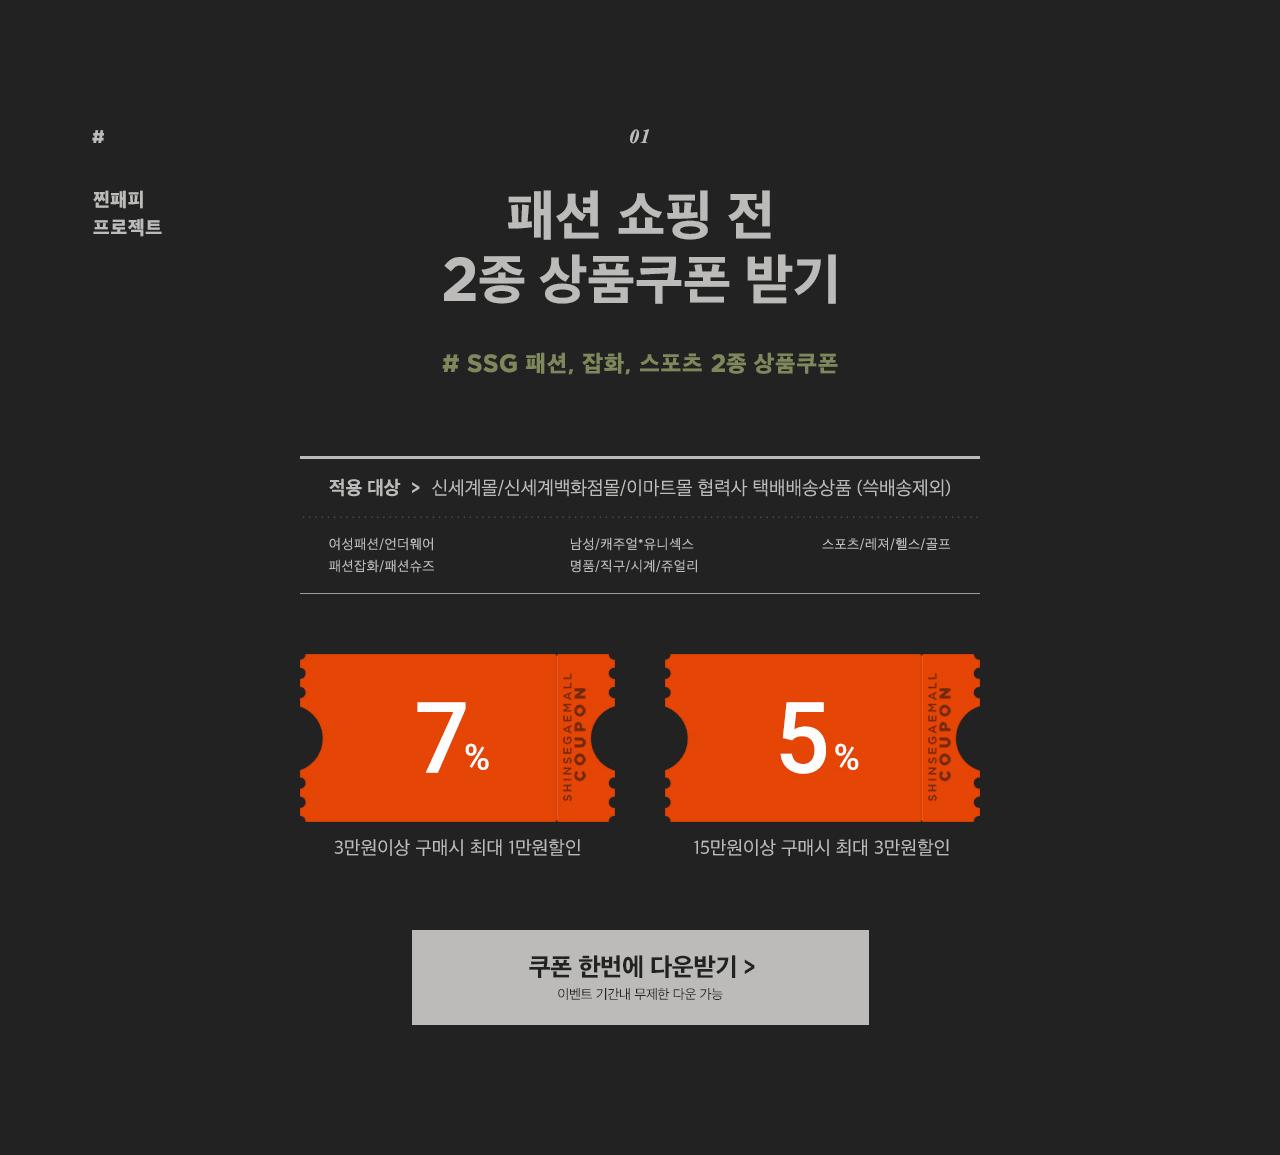 #SSG 패션, 잡화, 스포츠 2종 상품쿠폰